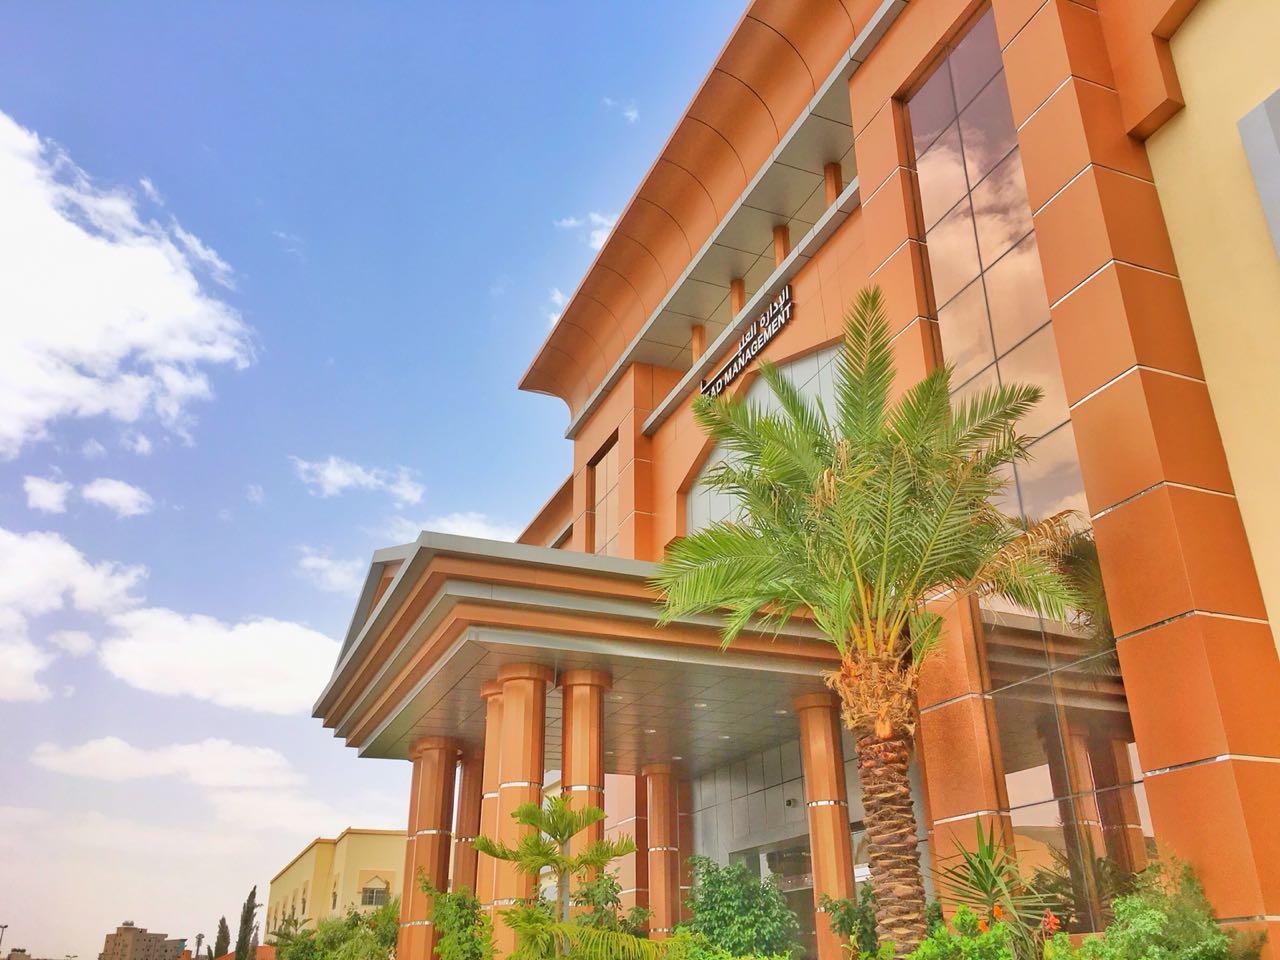 جامعة الطائف تعلن توافر وظائف صحية شاغرة في 4 تخصصات